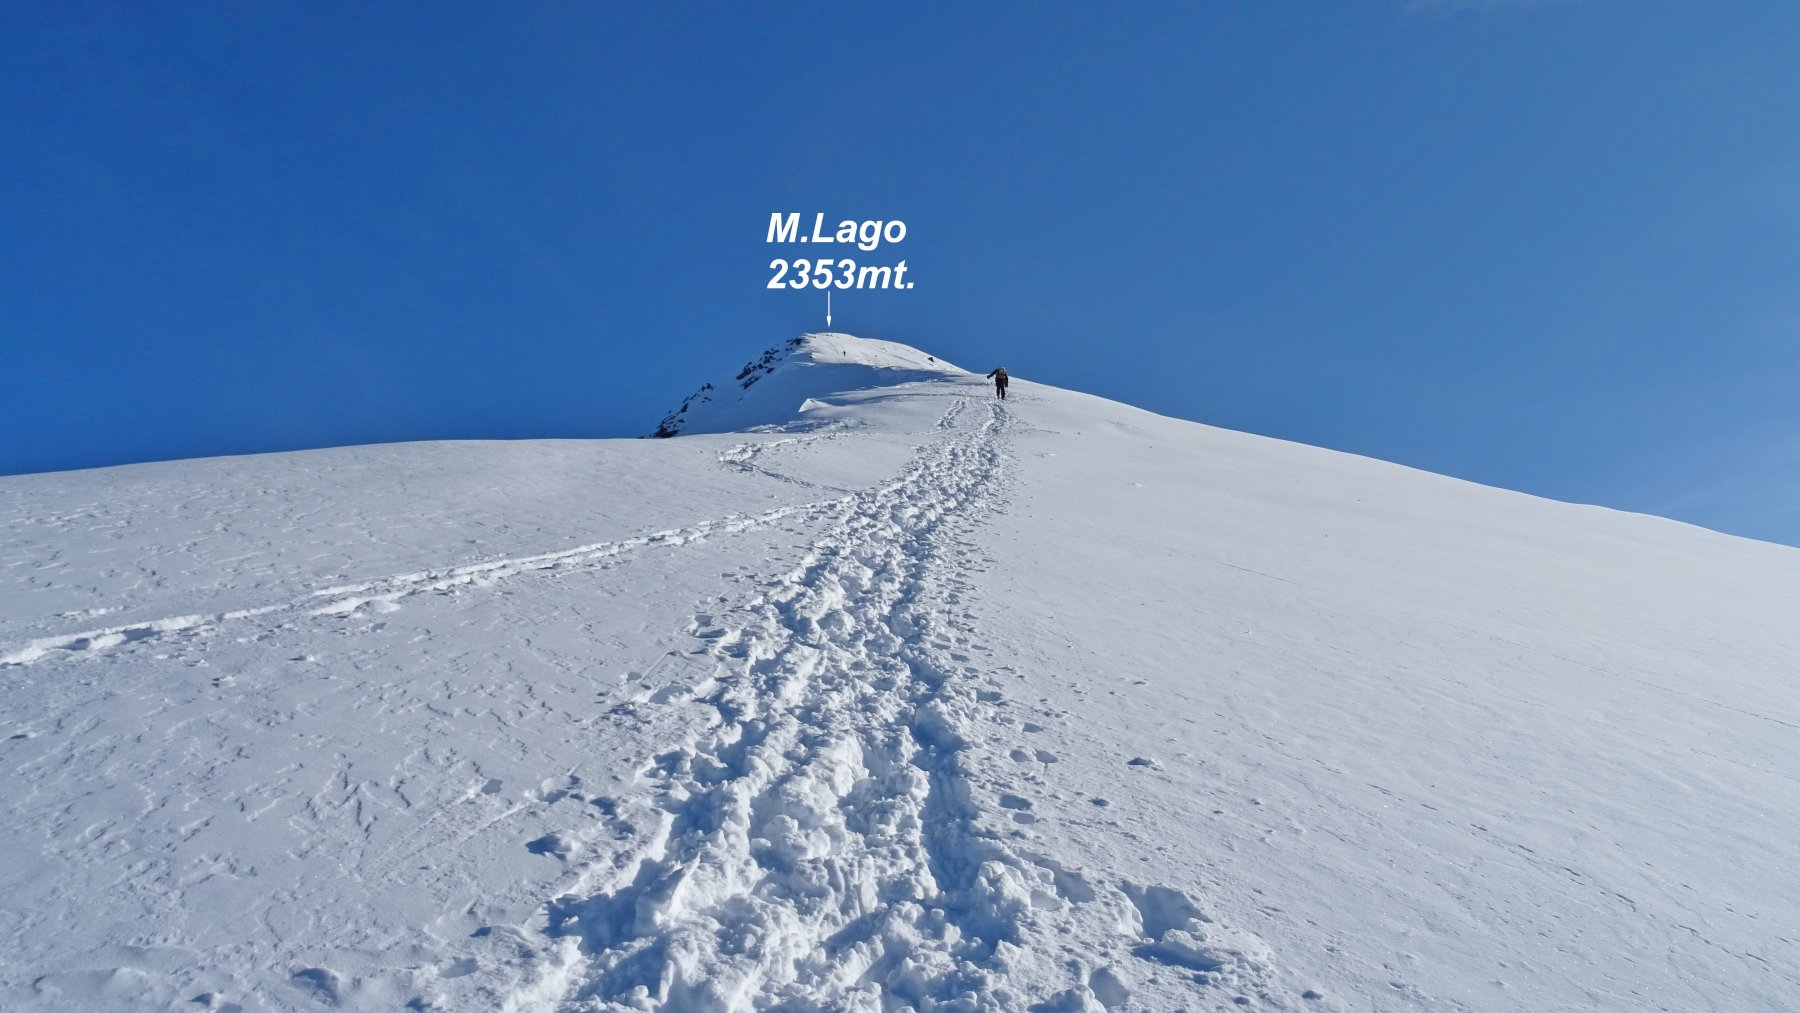 Cresta finale del M.Lago.